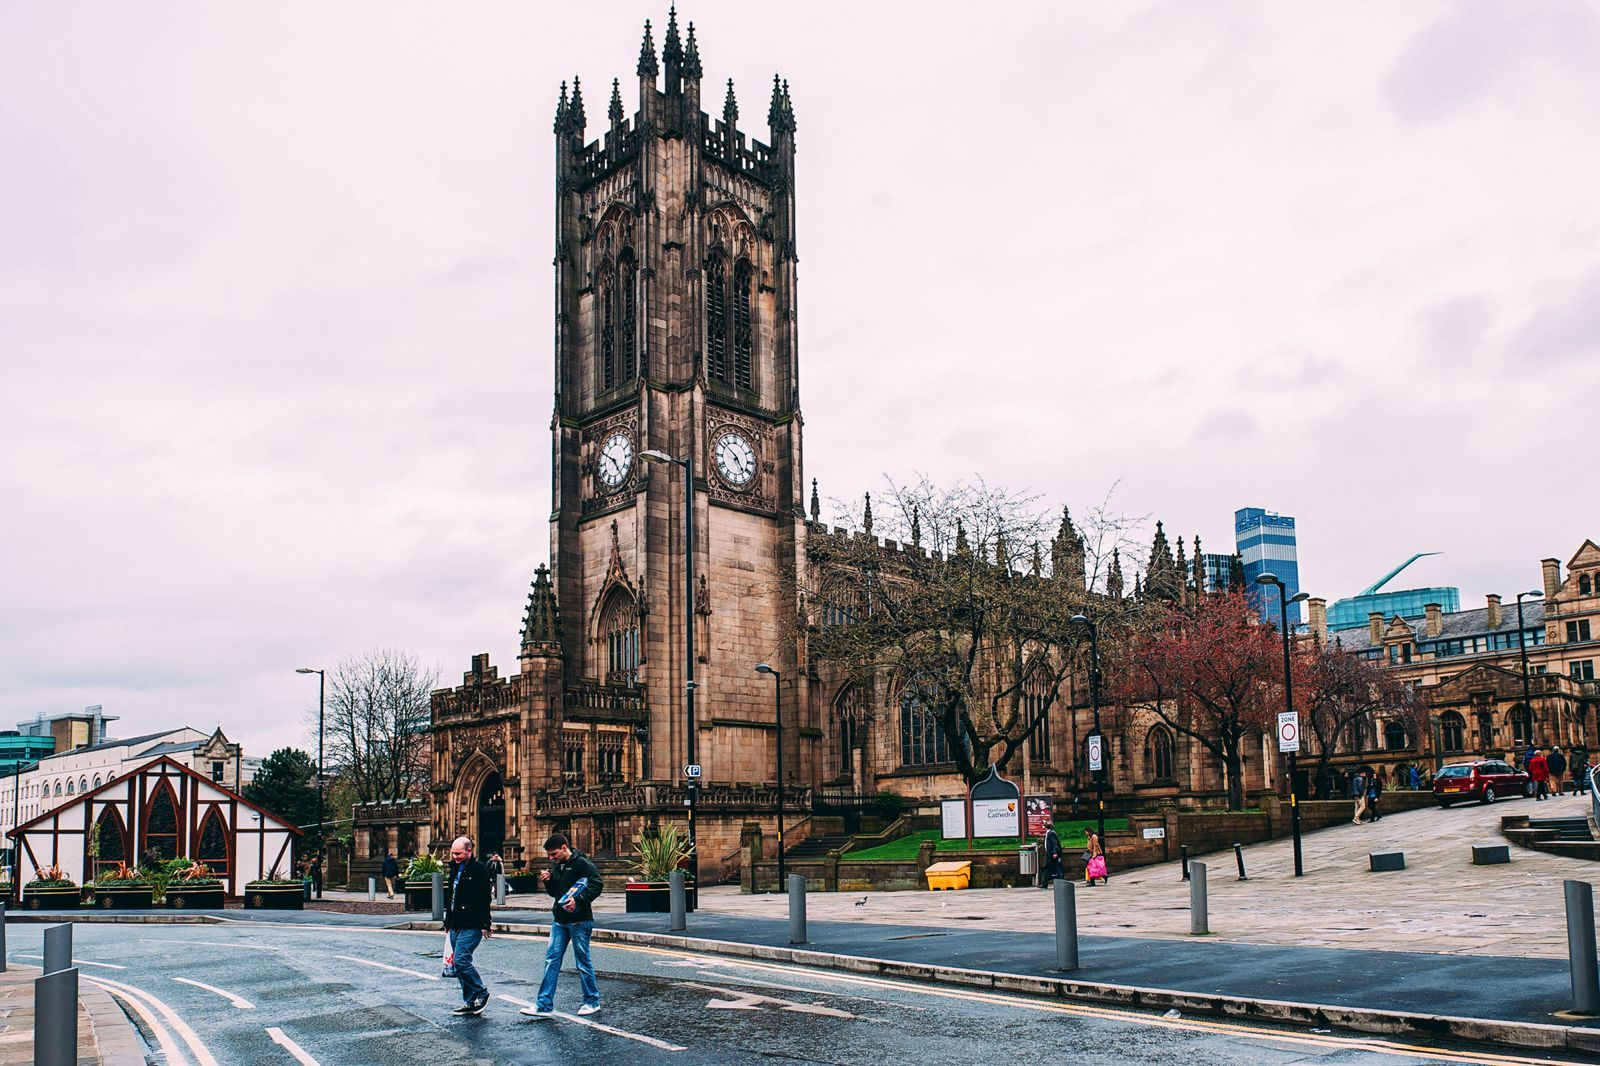 Hành trình du lịch Anh - Scotland 10N9Đ - Nhà thờ Manchester